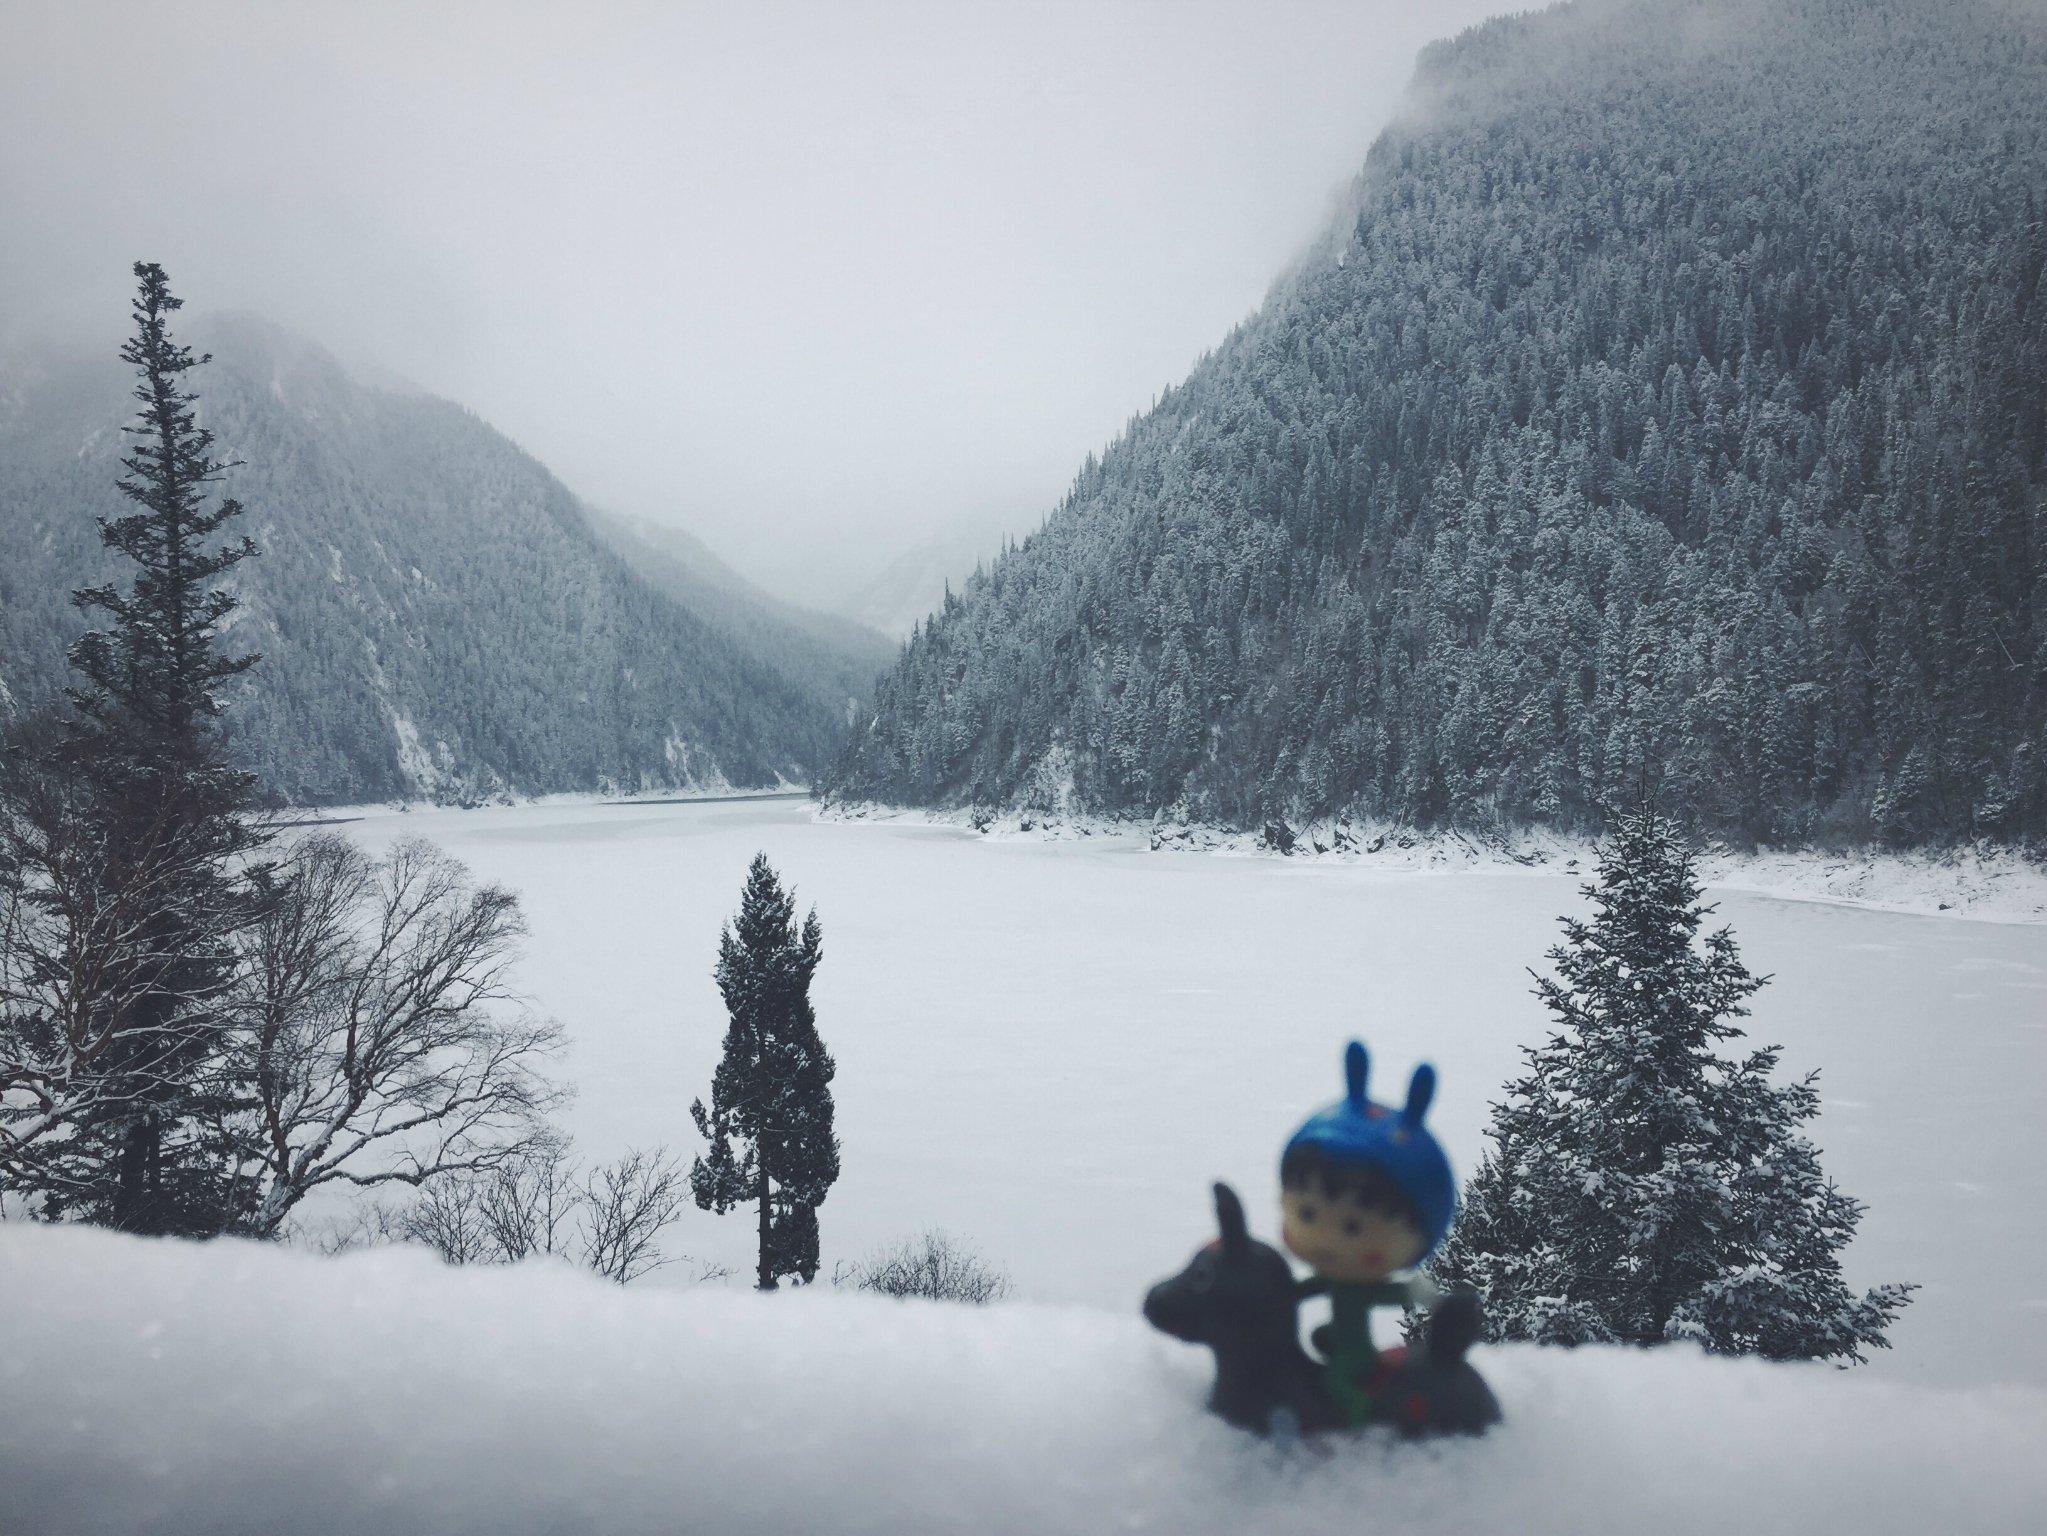 北方孩几在南方大雪地里撒欢——重庆、武隆、九寨沟、成都休闲晃荡13天~